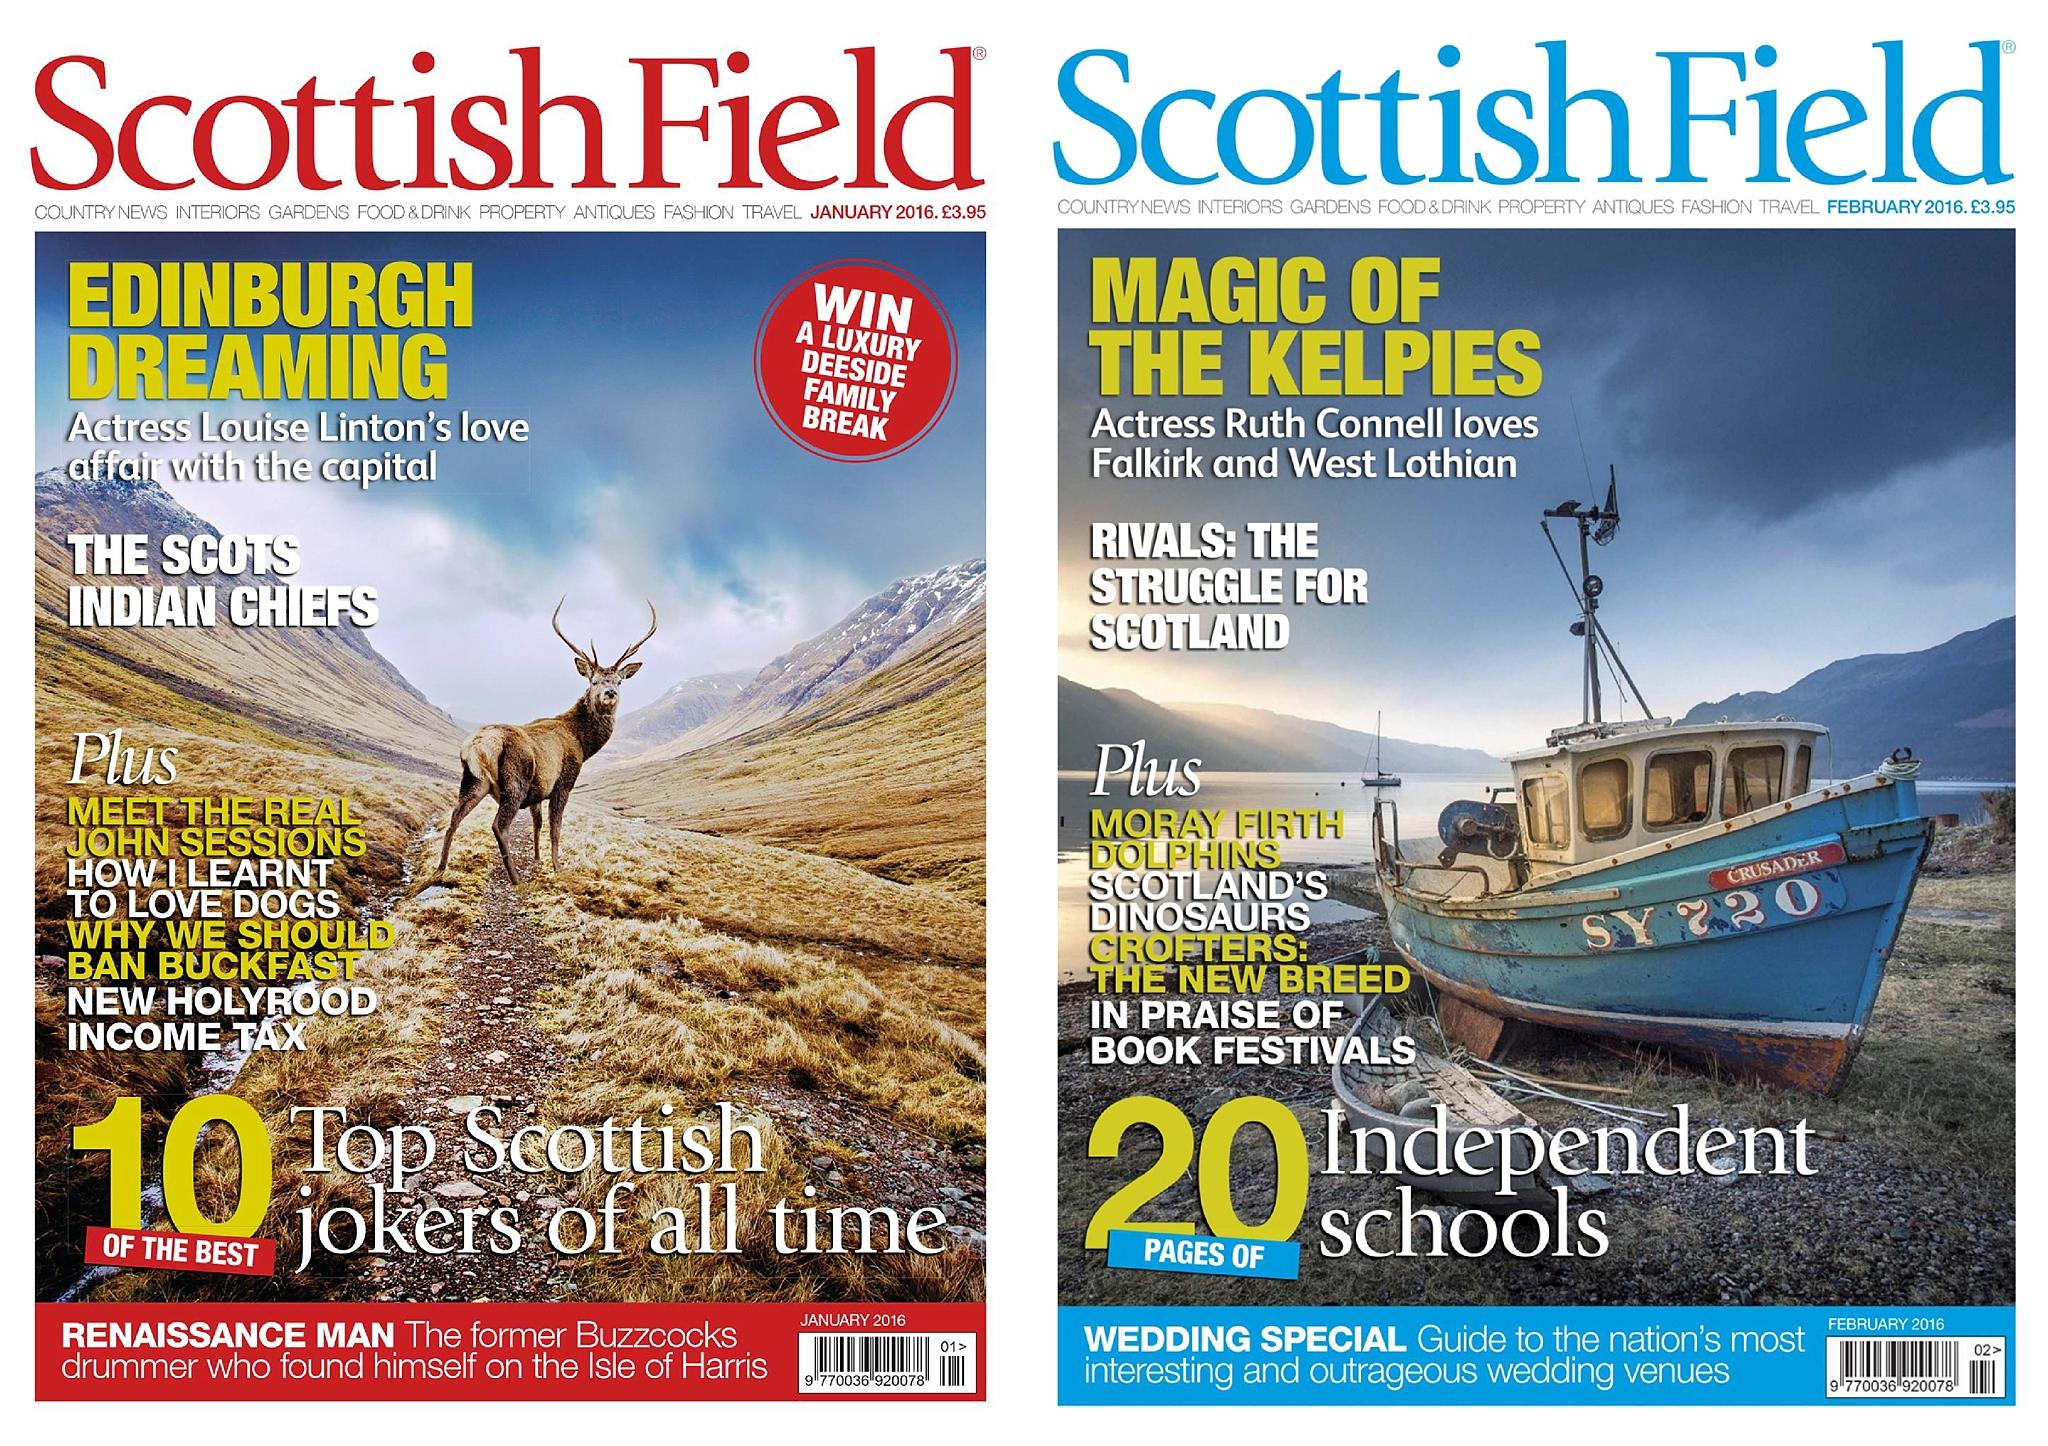 Press - Few publications